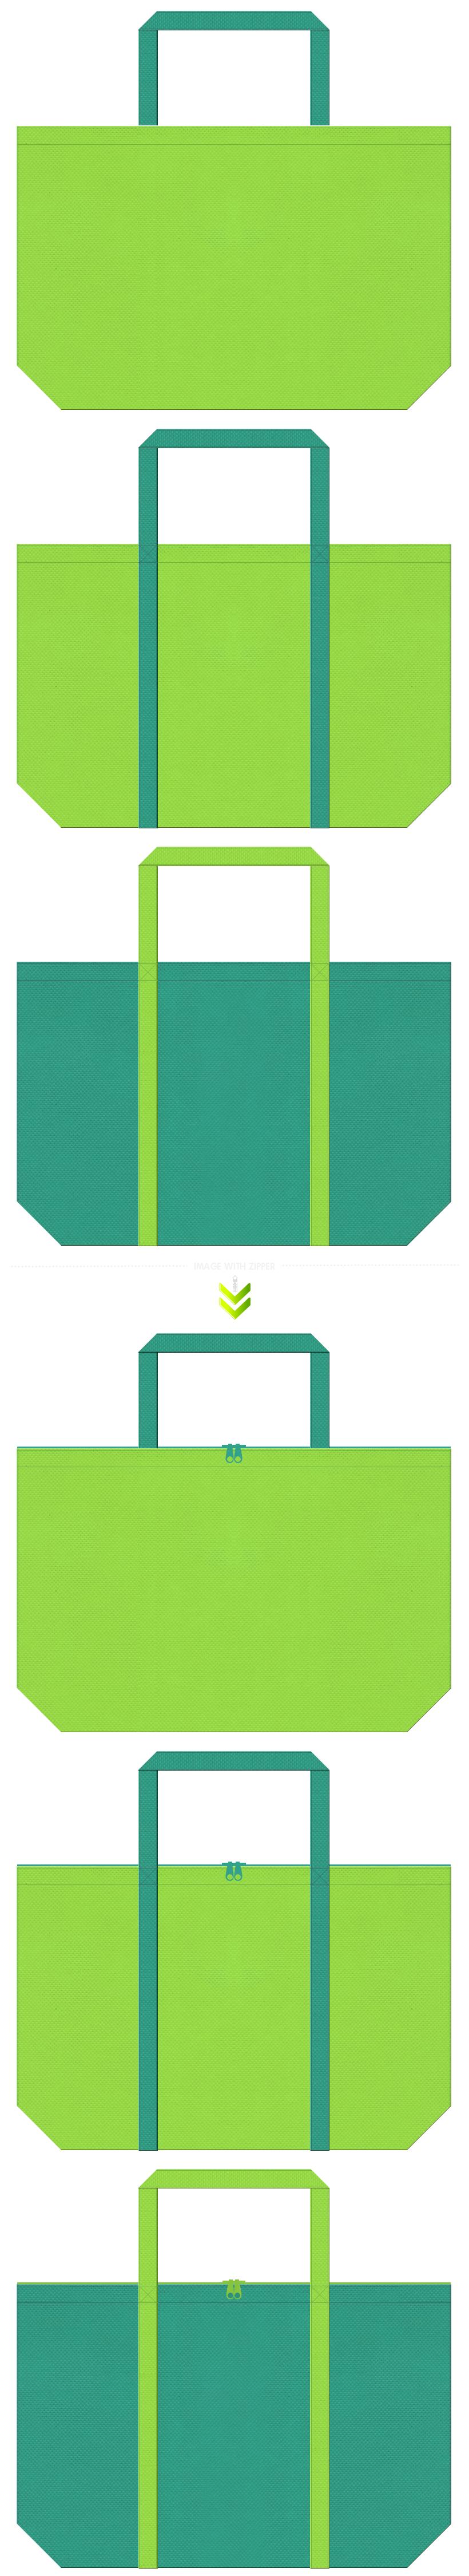 黄緑色と青緑色の不織布エコバッグのデザイン。